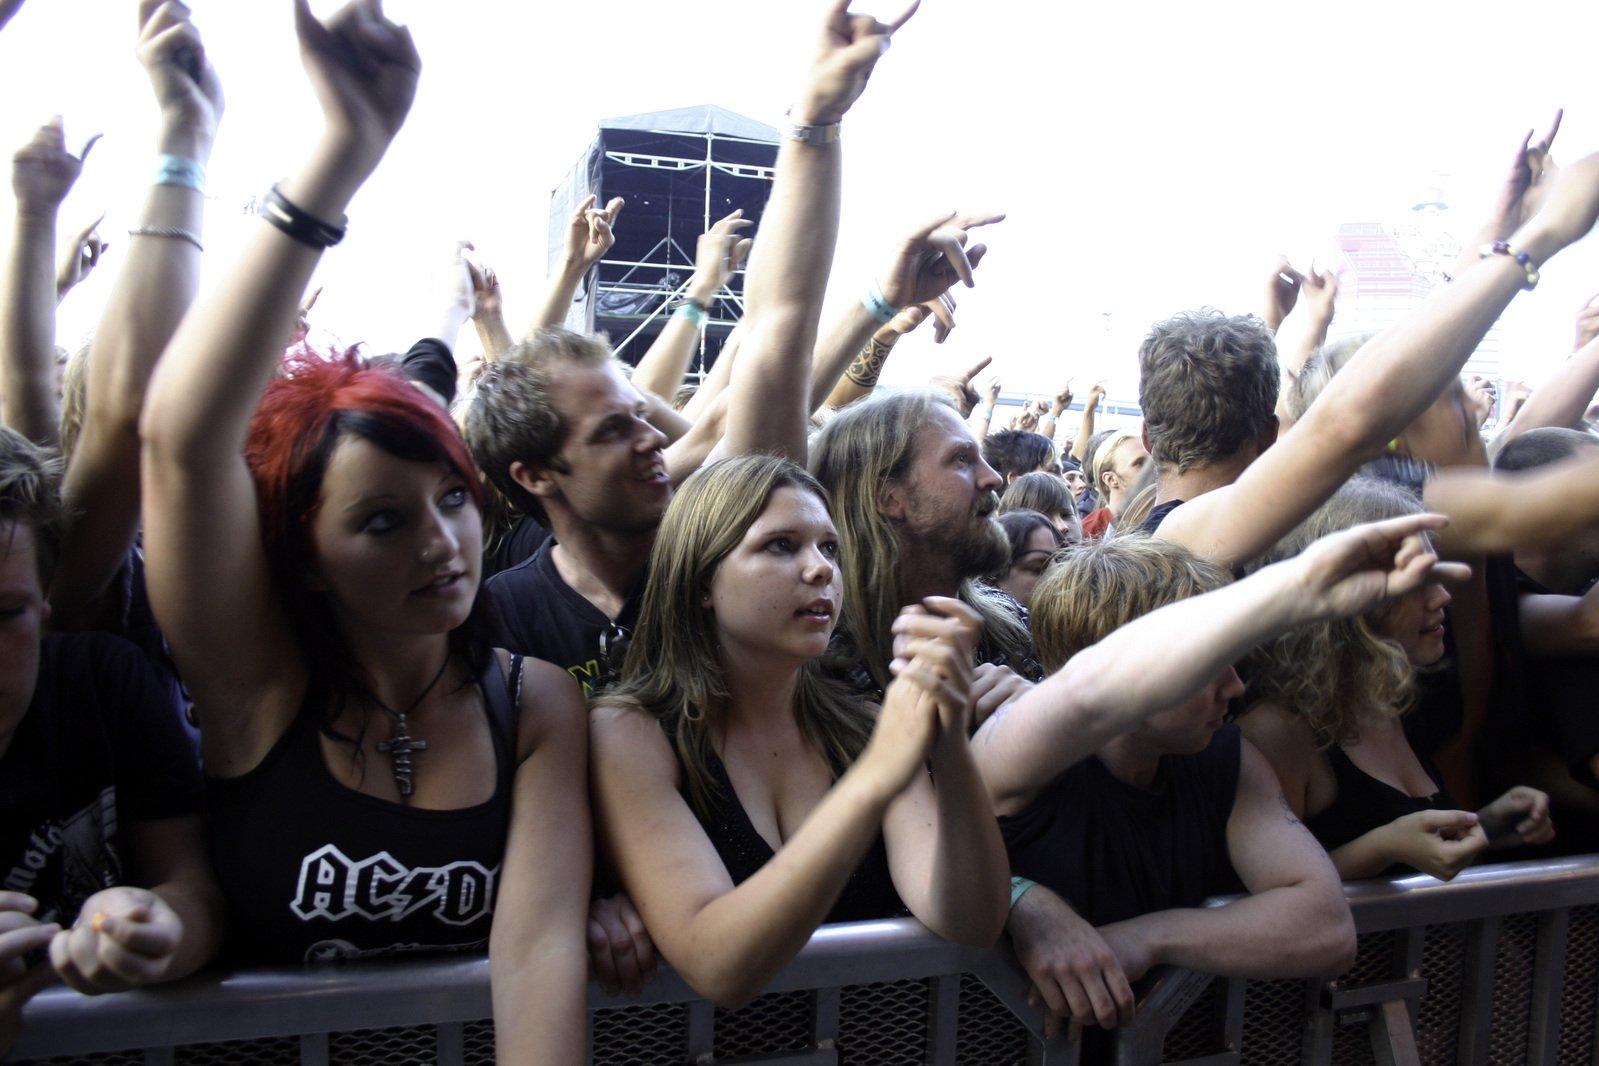 Смотреть групповуху толпа, эротические фото секс разнообразный женщин и мужчин